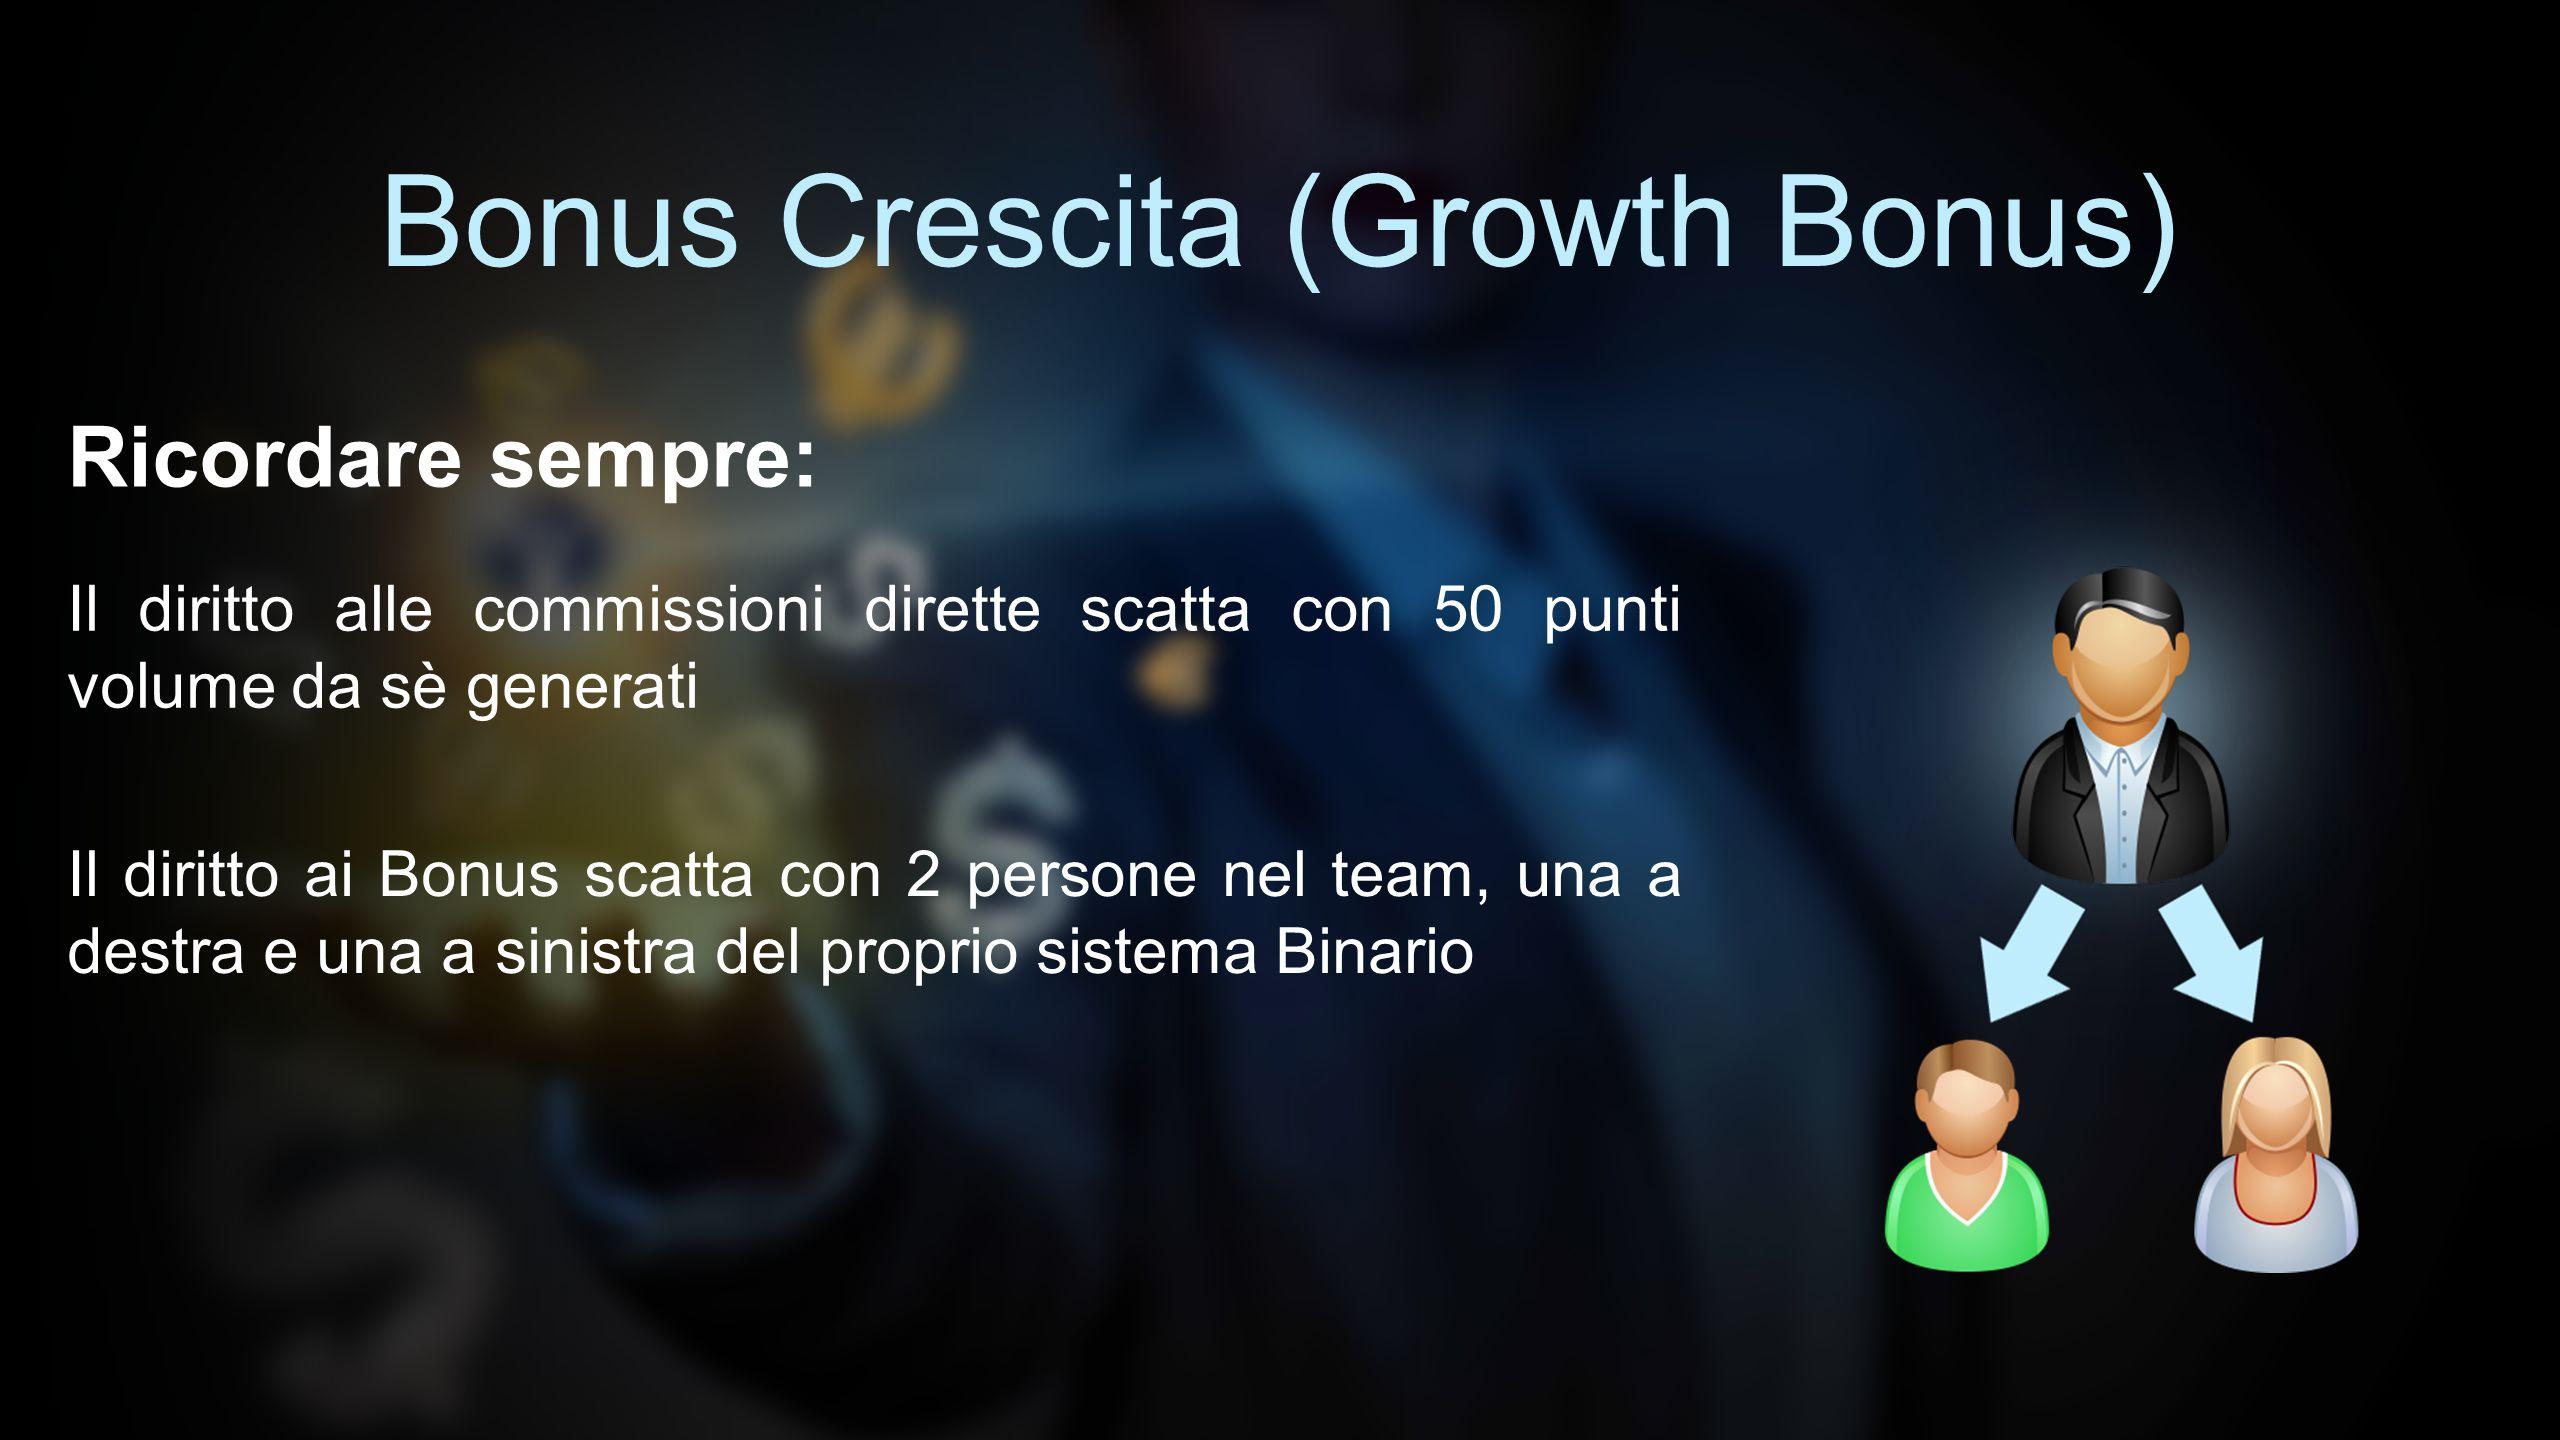 Ogni volta che raddoppiate i punti su una gamba rispetto all'altra Scatta il Growth Bonus del 20% Si calcola sulla gamba che pareggia (nell' esempio: 50) 50 * 20% = 10 euro 50 100